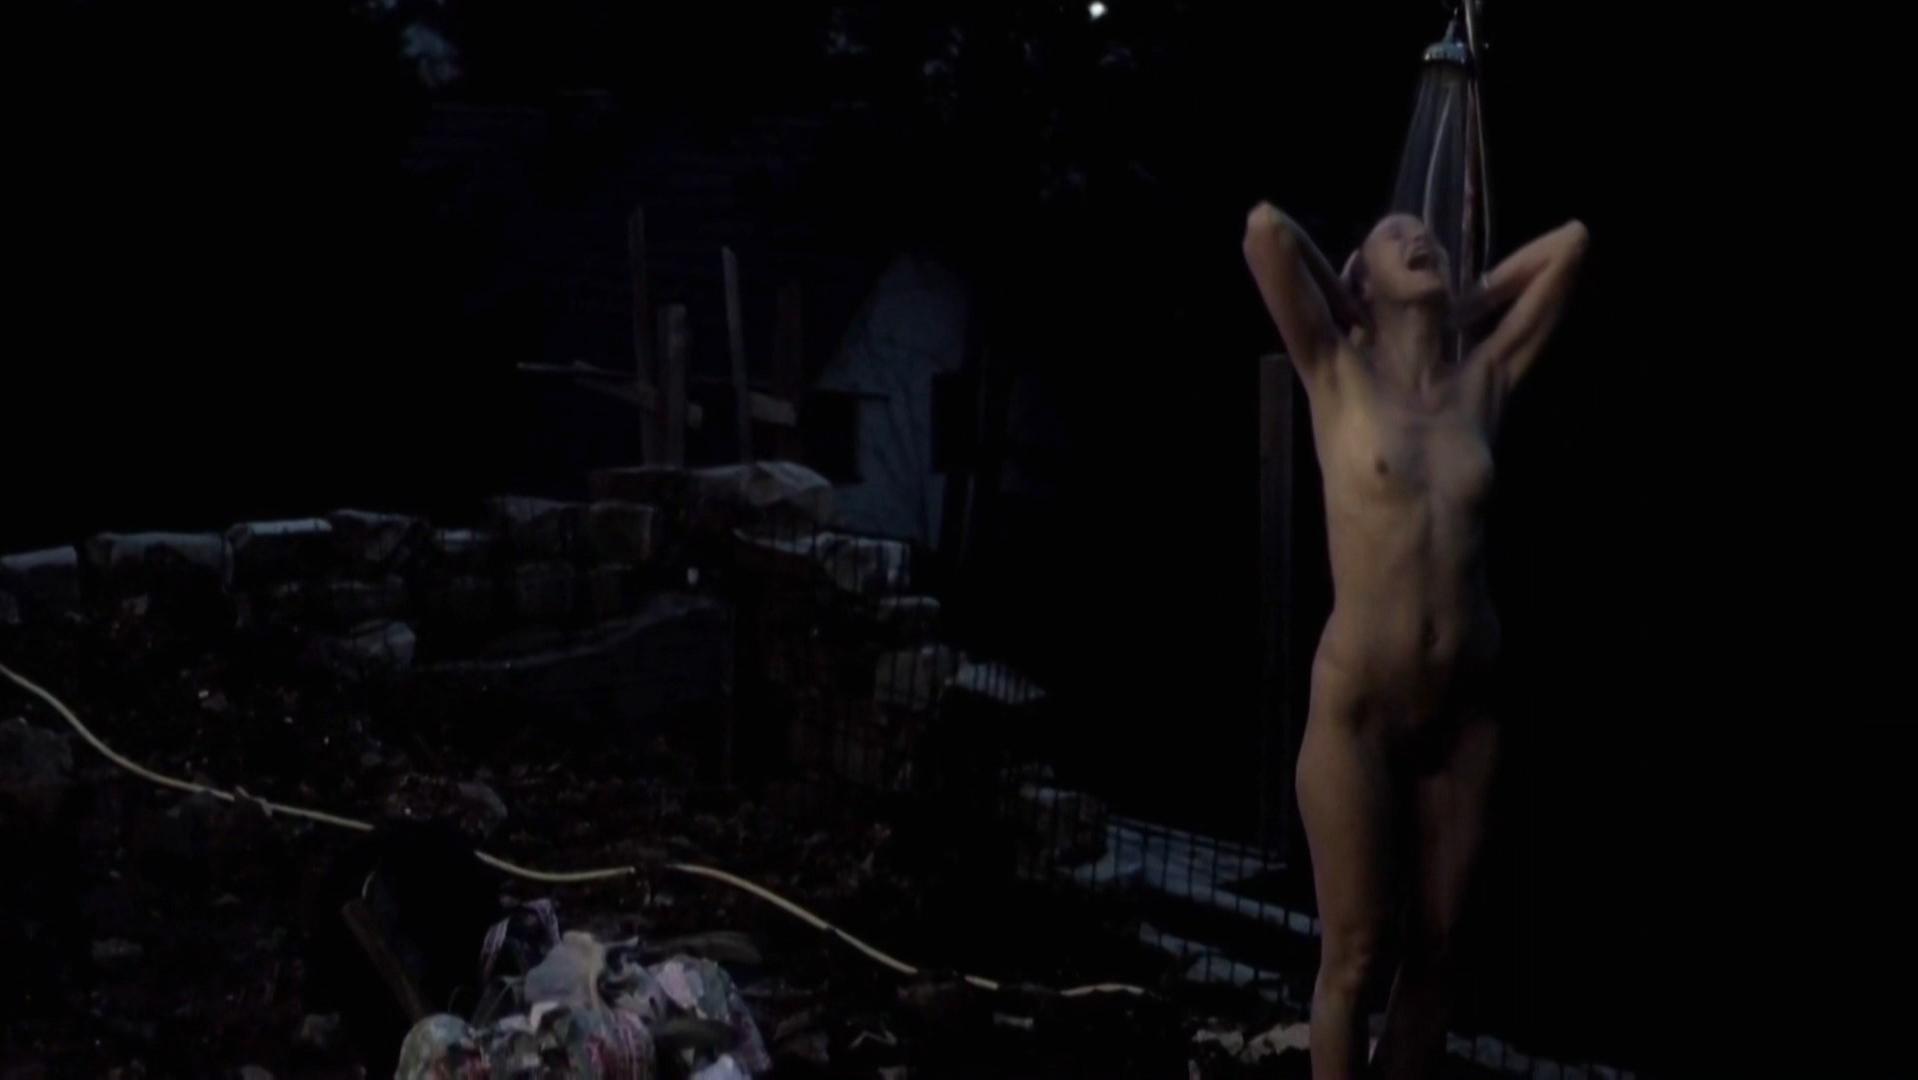 Jeanette Hain nude - Dreileben s01e02 (2011)